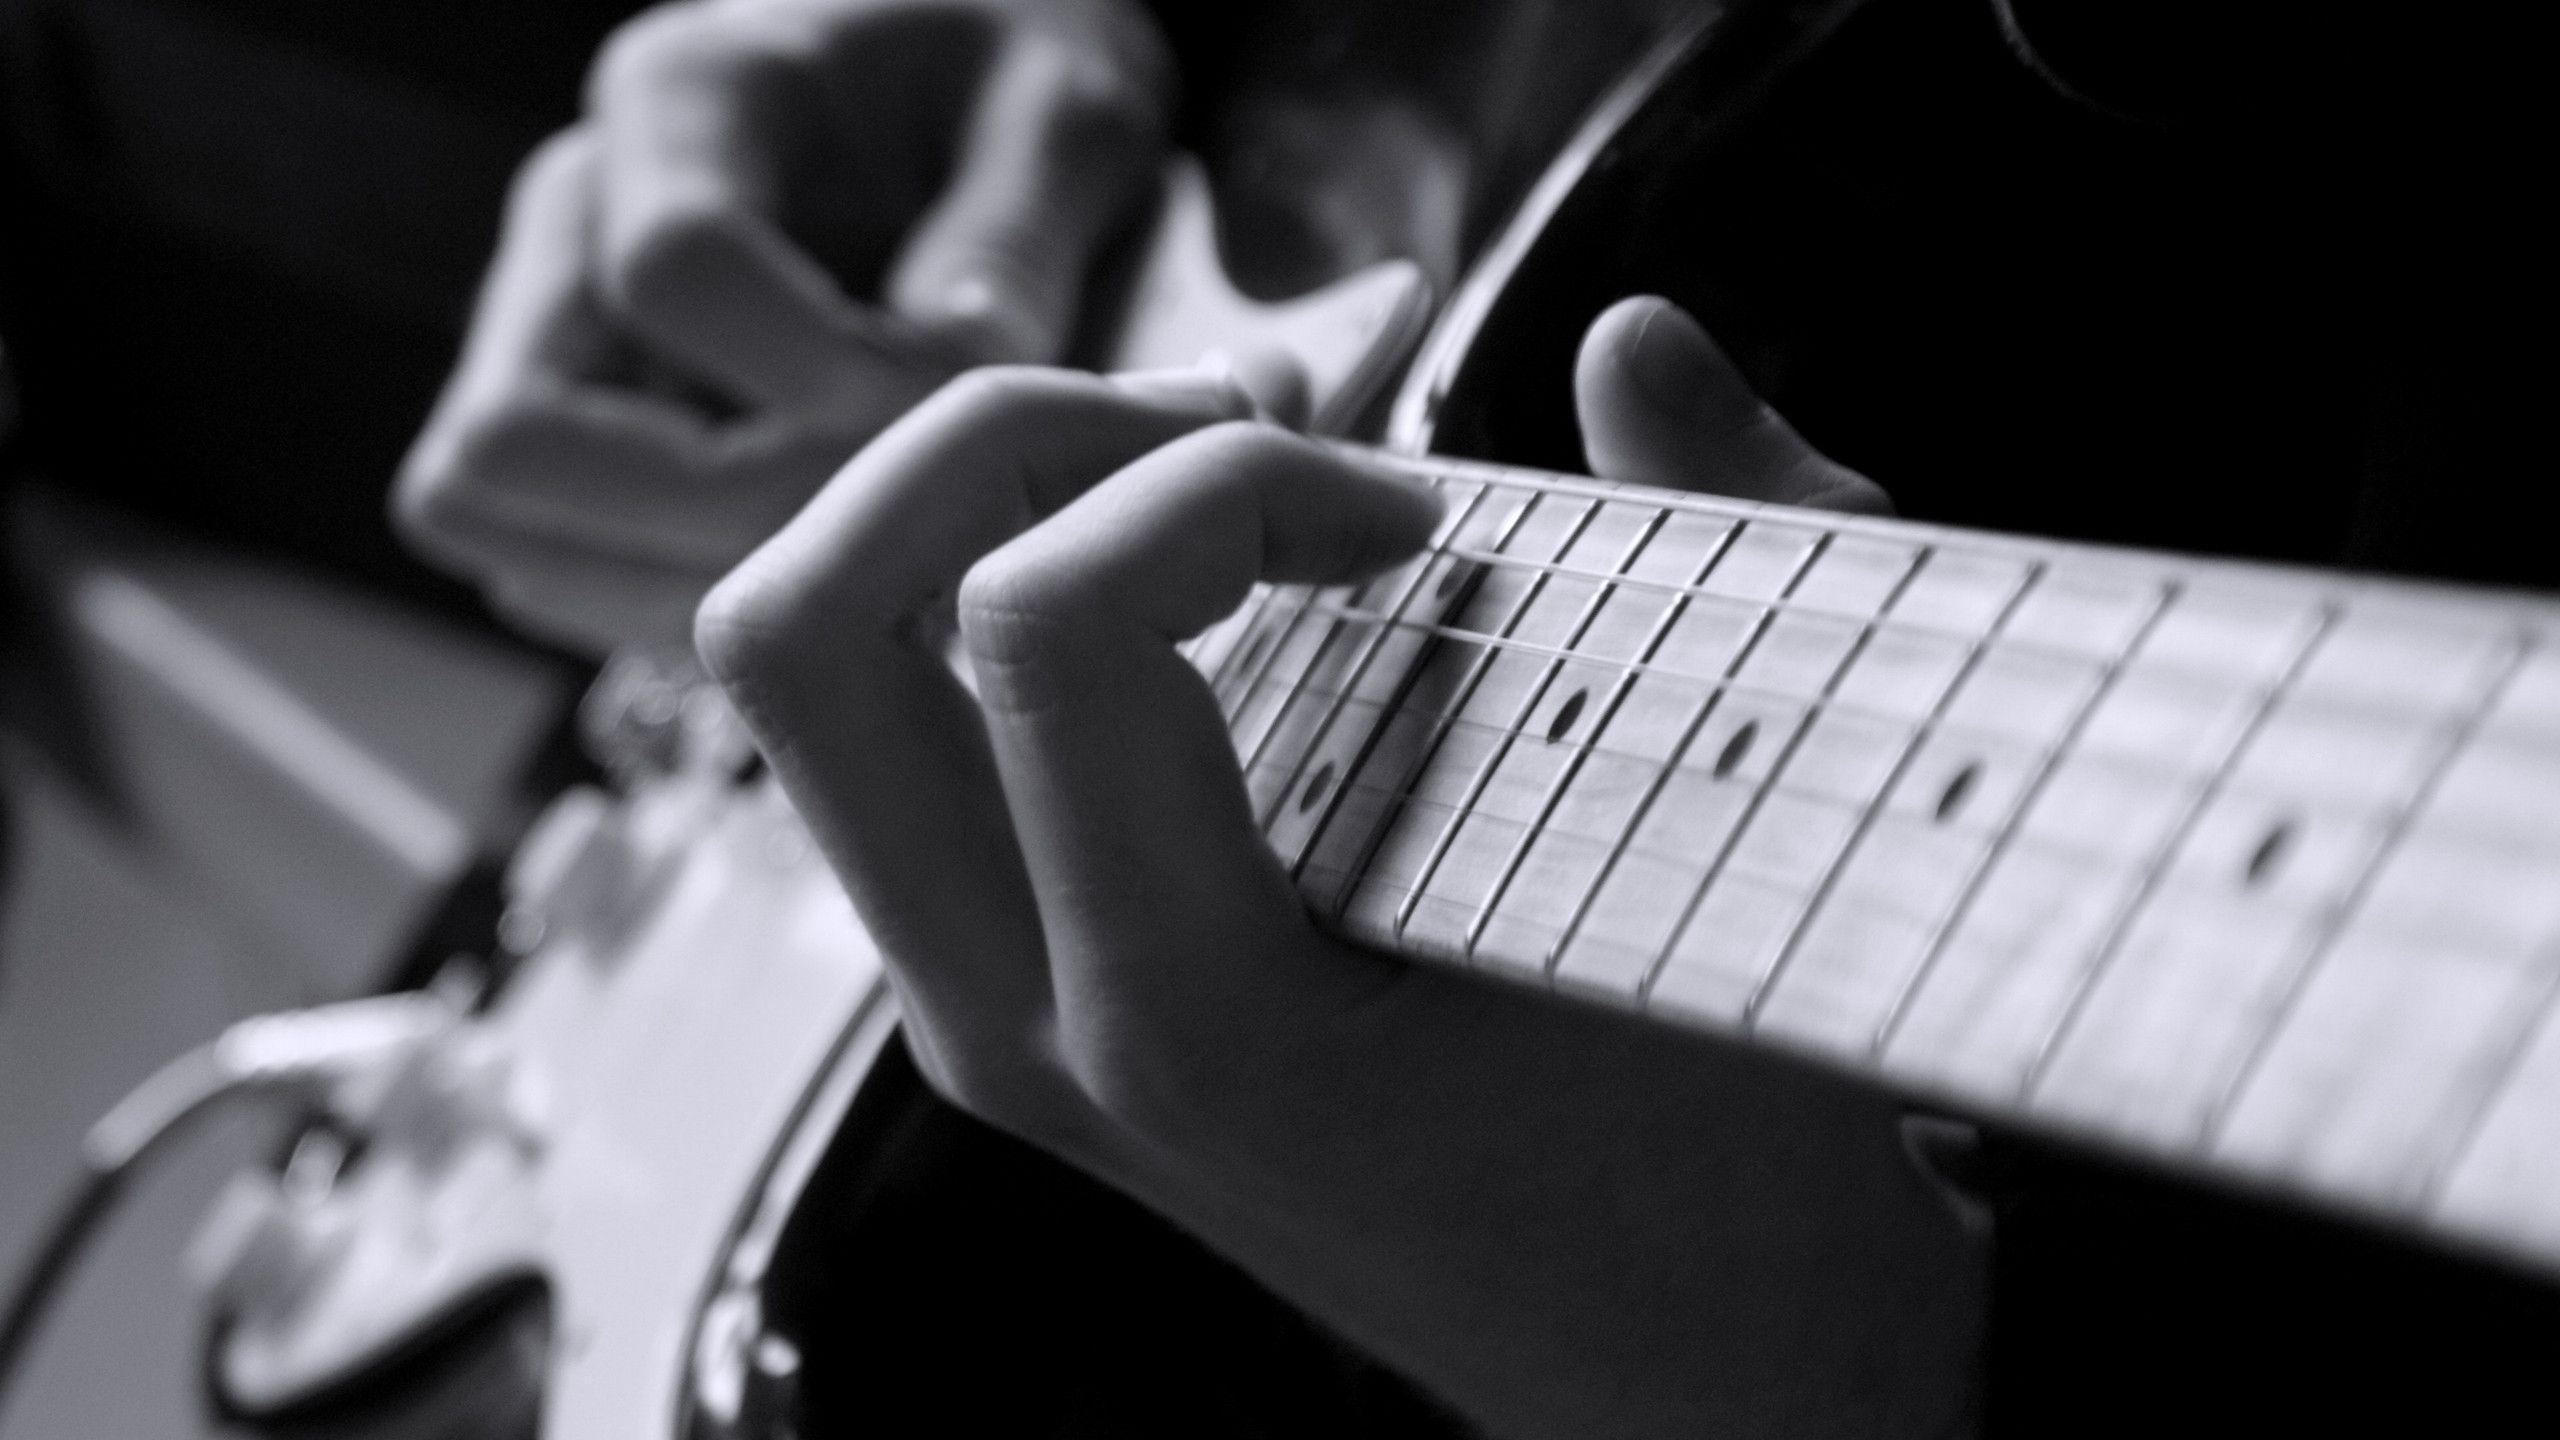 Джазовые гитаристы справились с импровизацией без когнитивного контроля